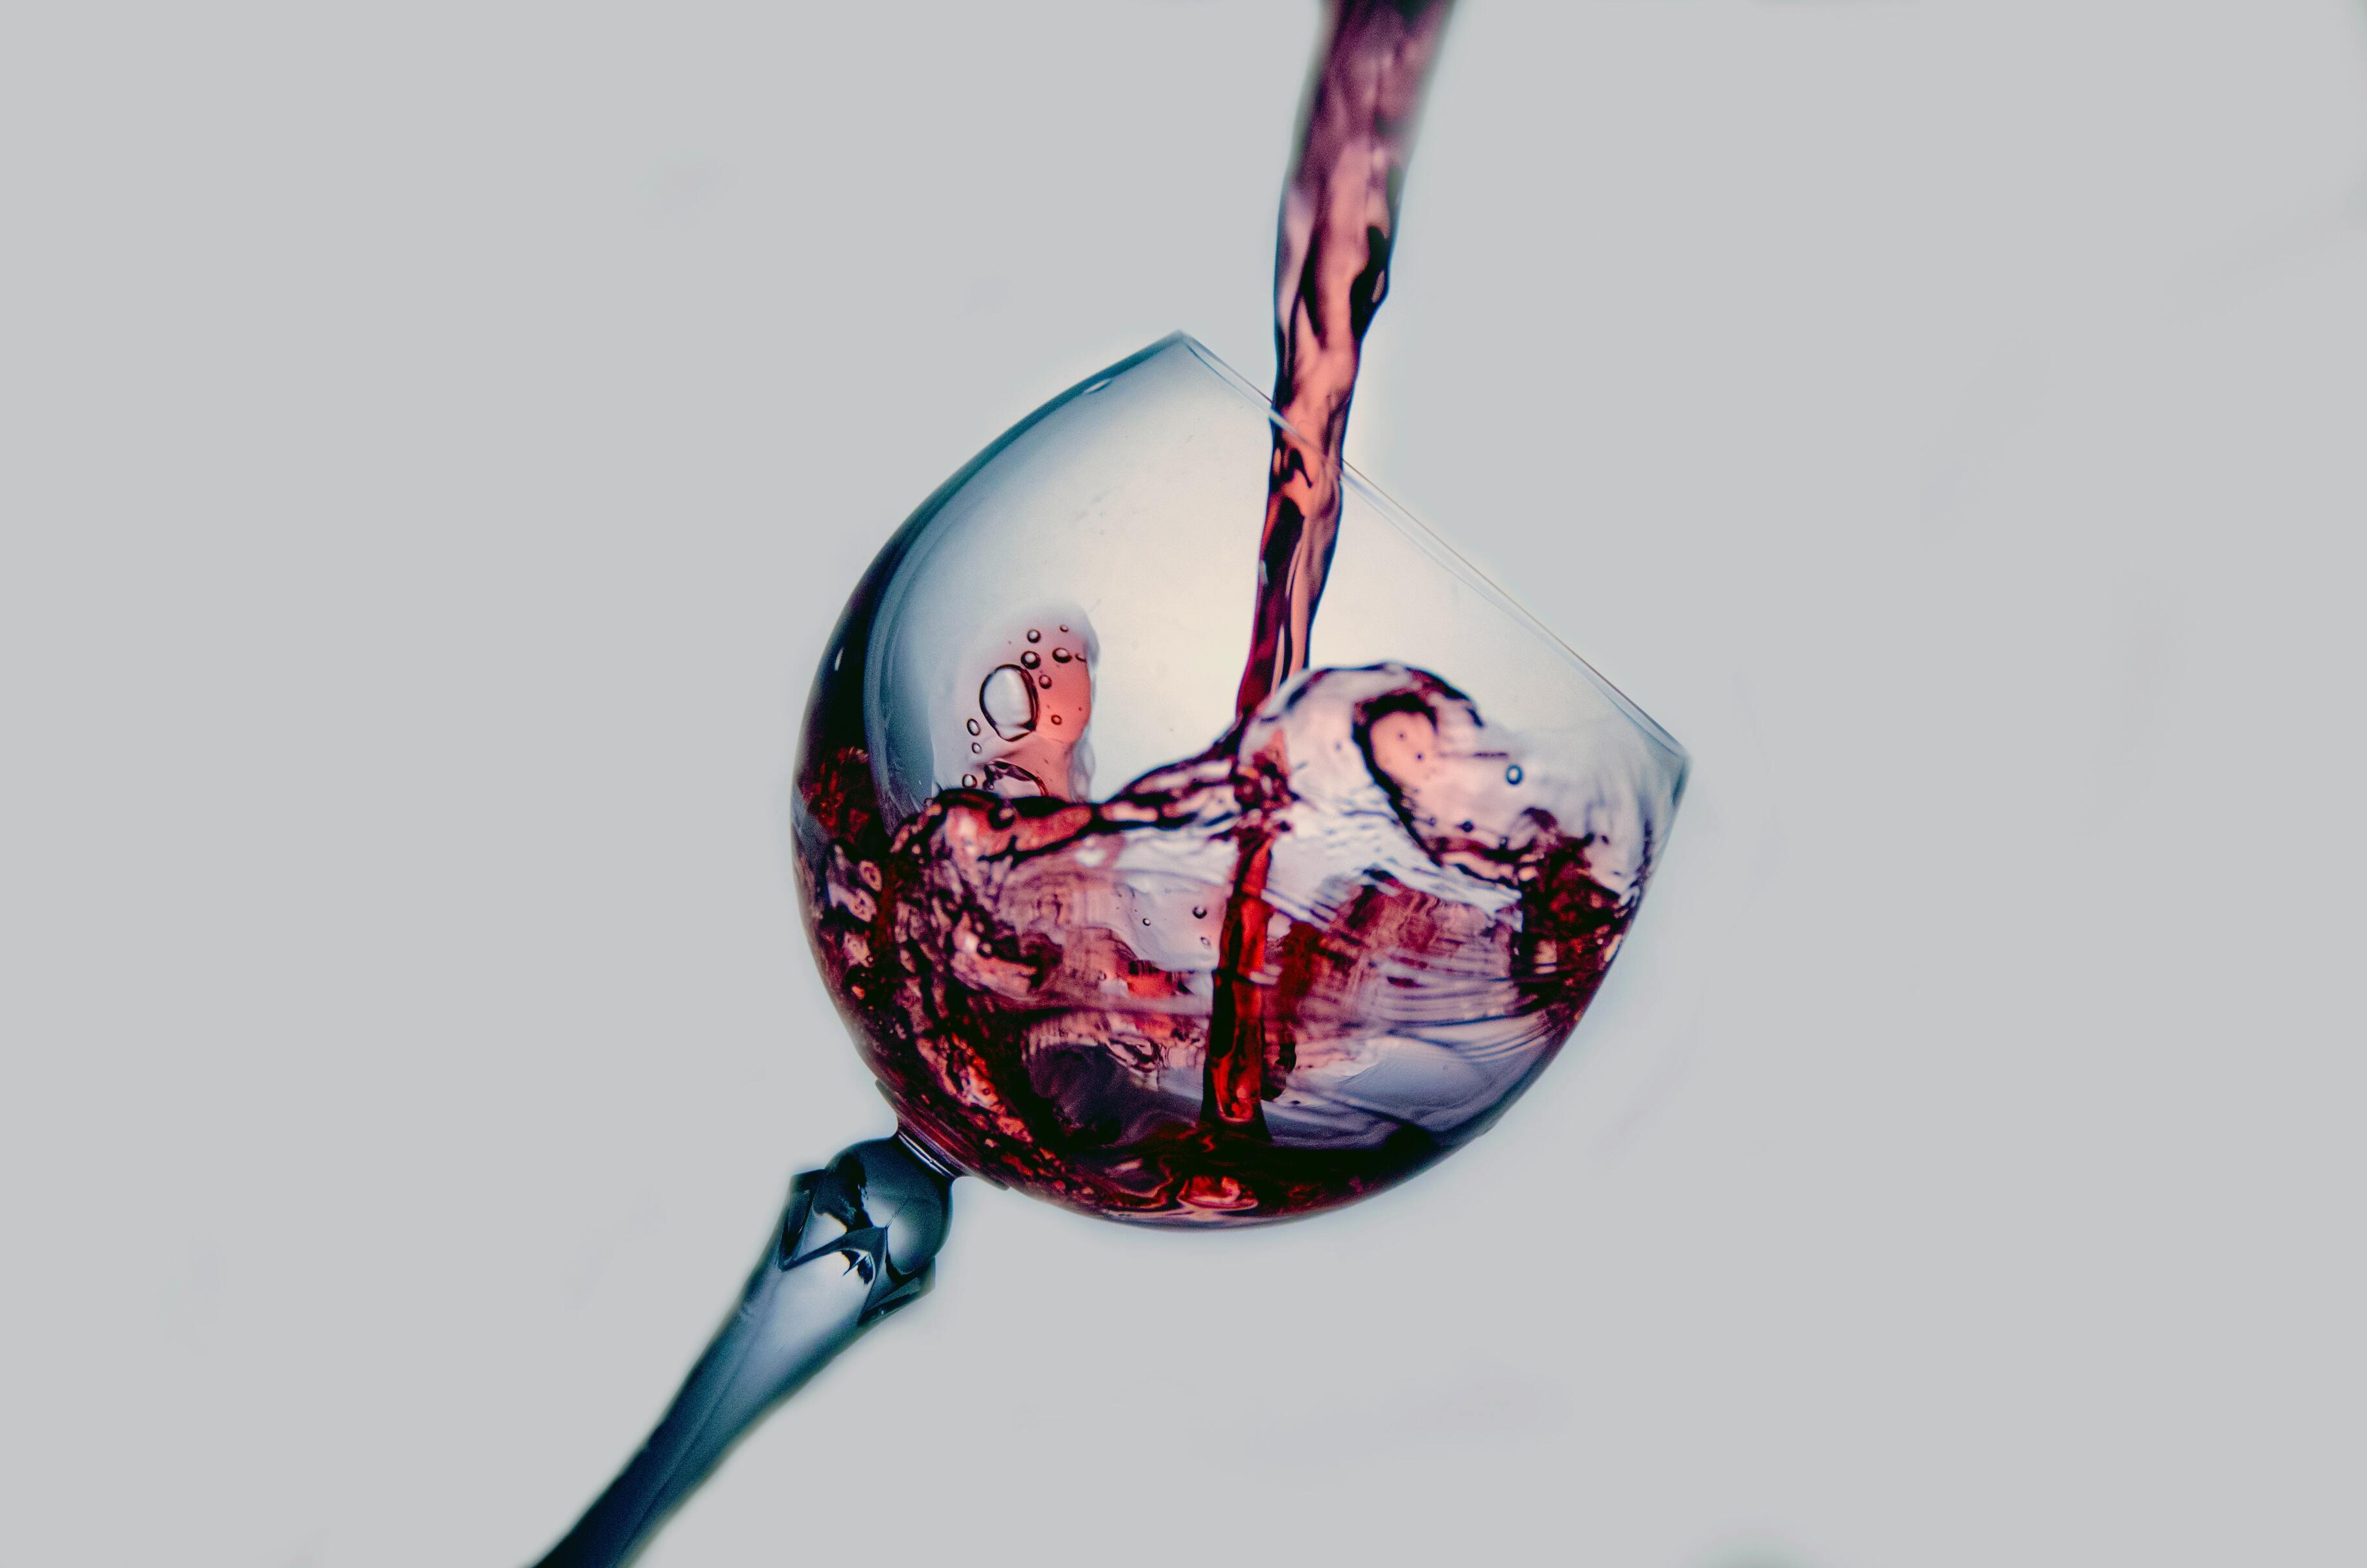 Учёные узнали, как красное вино влияет на артериальное давление